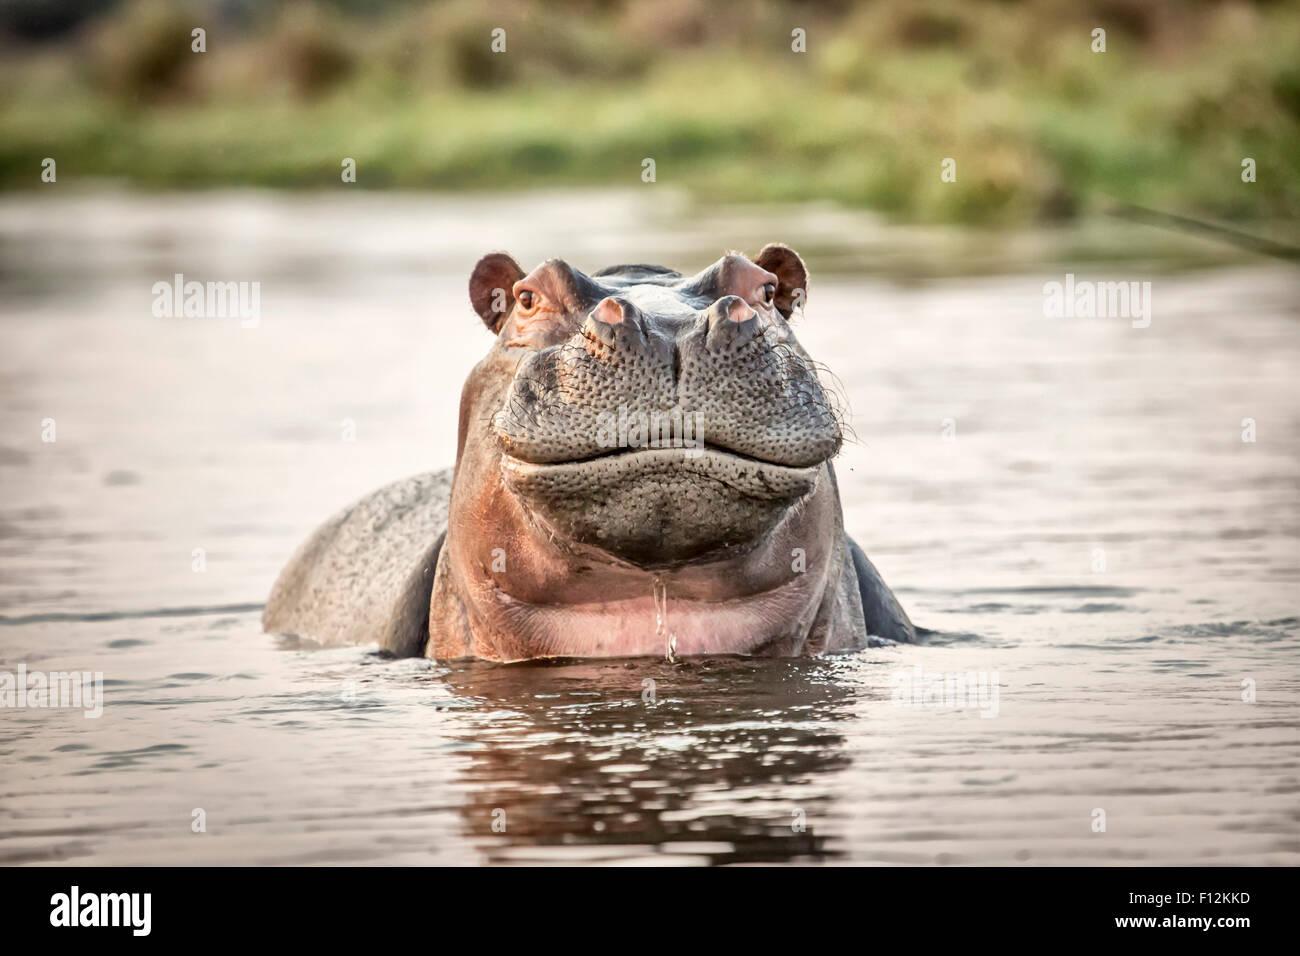 Wildlife Safari: Leiter der Flusspferd (Hippopotamus Amphibius) mit einem amüsanten Ausdruck in einem See, Stockbild